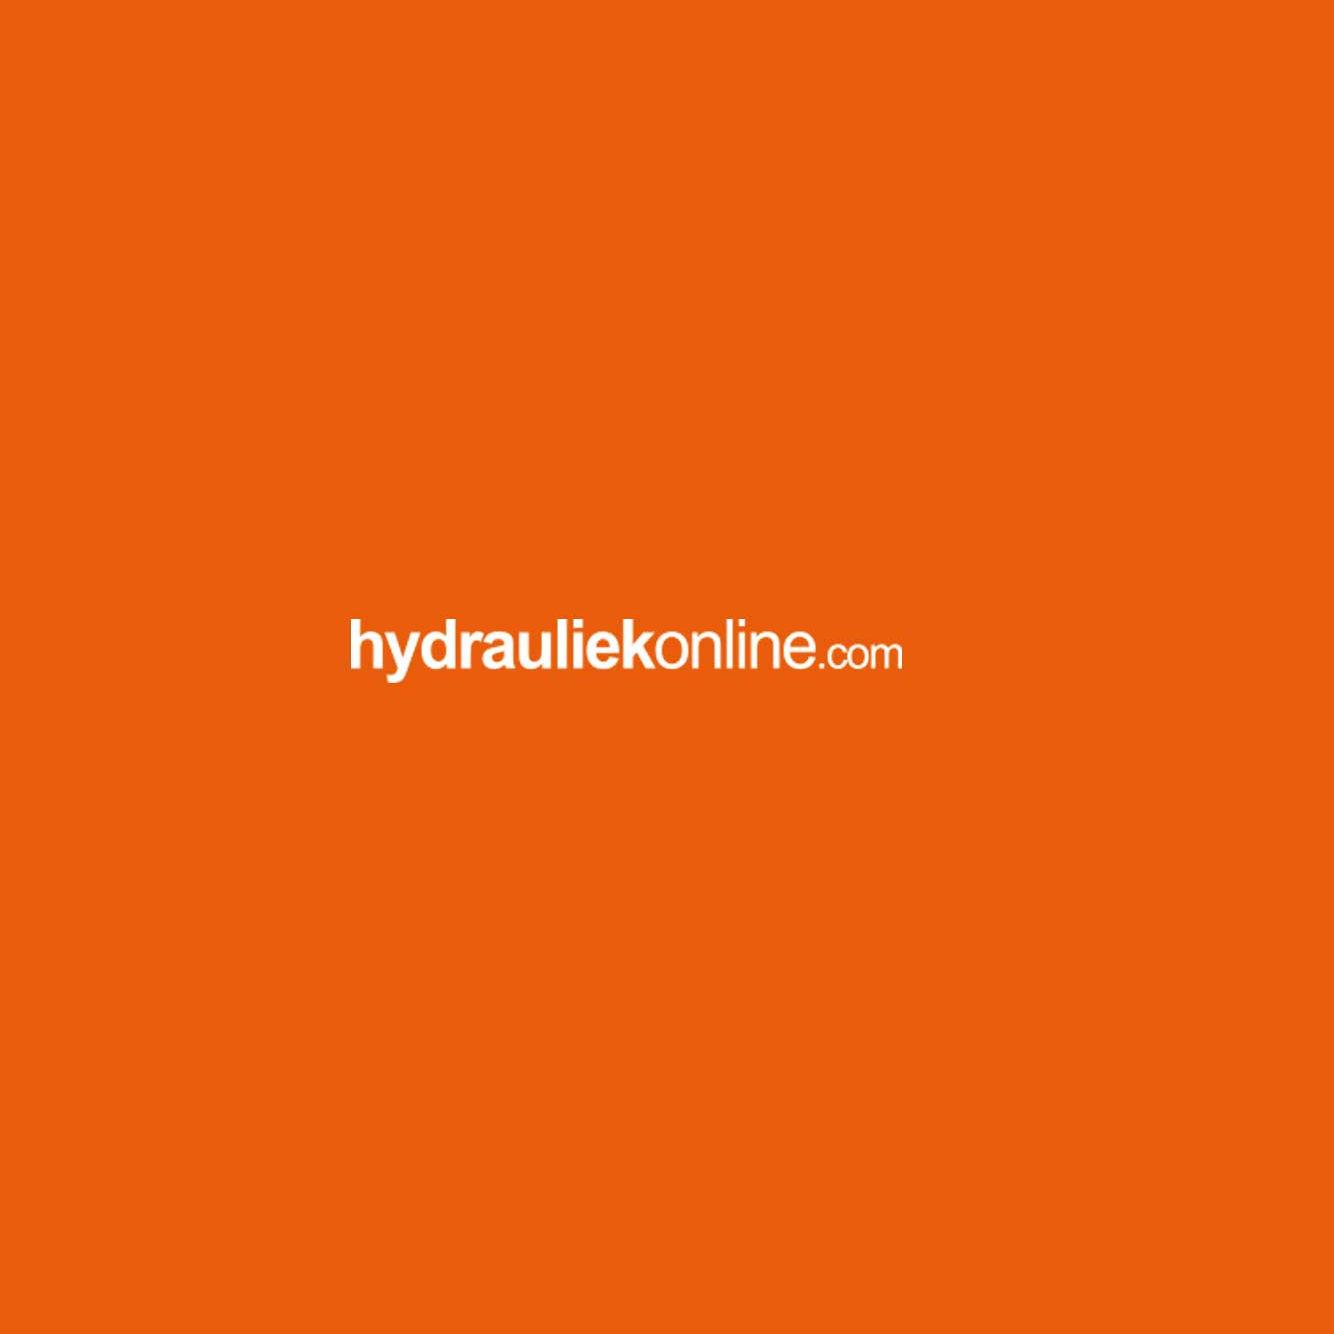 hydrauliek-online-6759.jpg